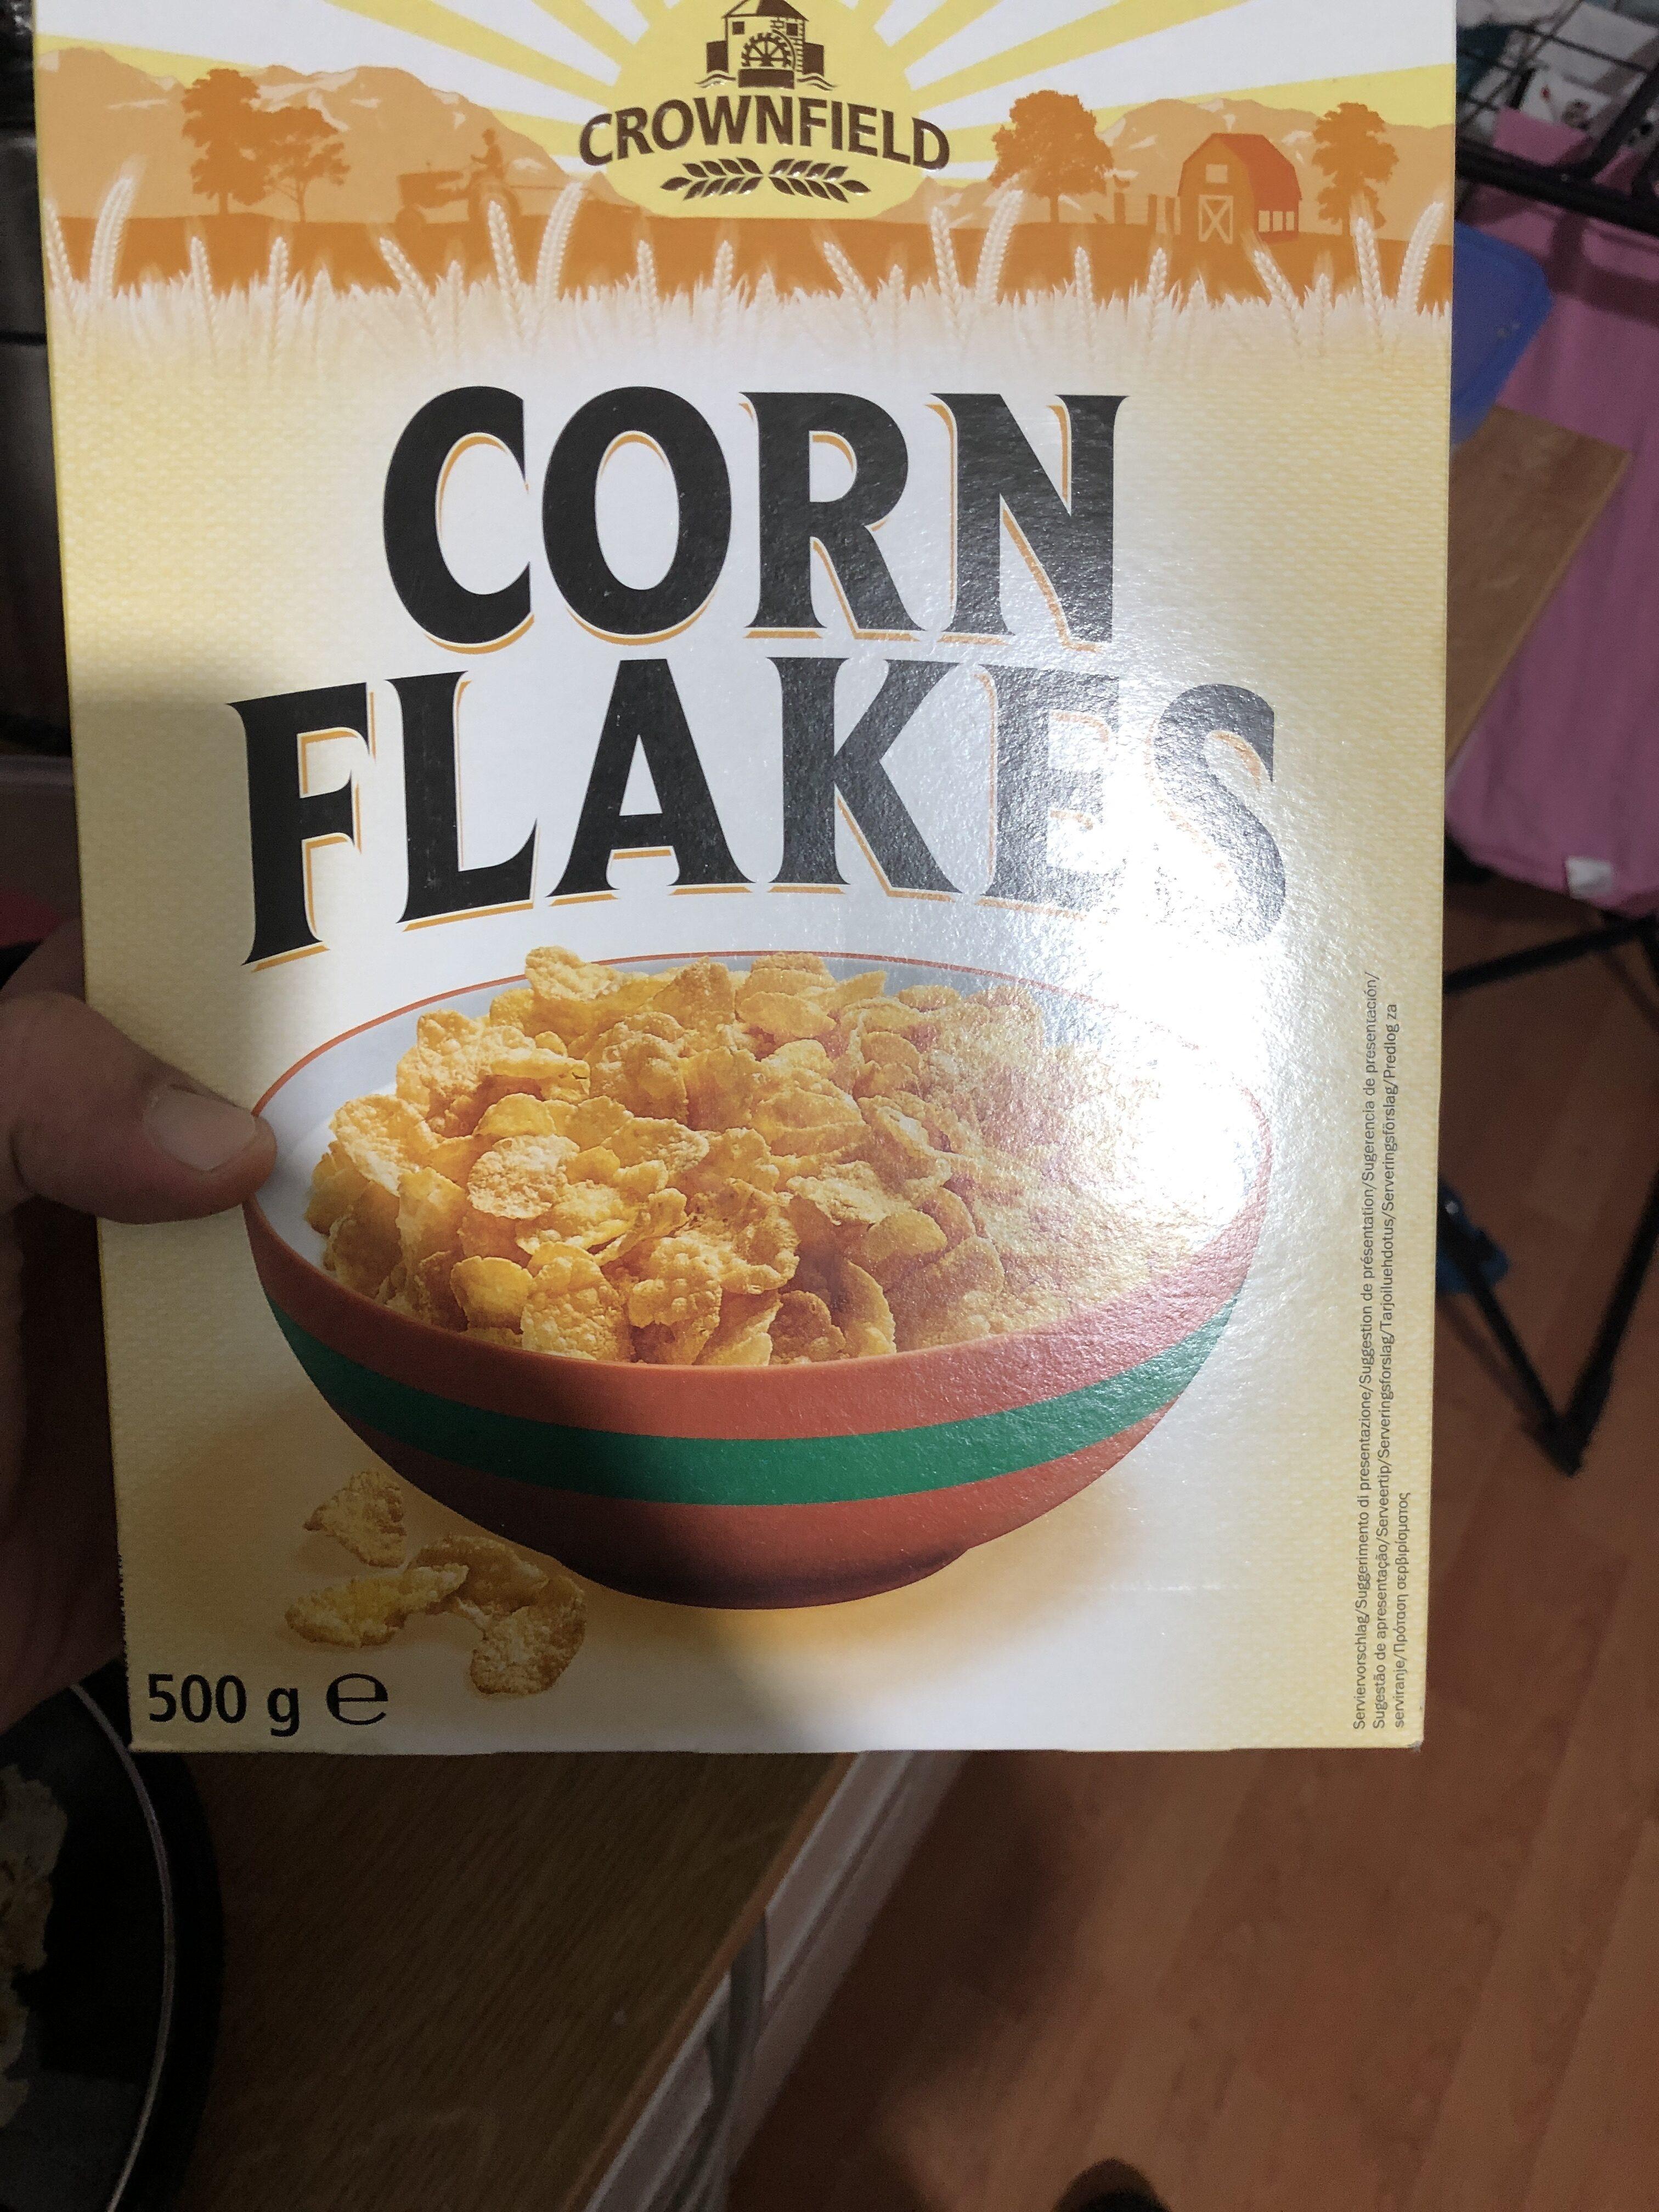 Corn Fraks - Product - en